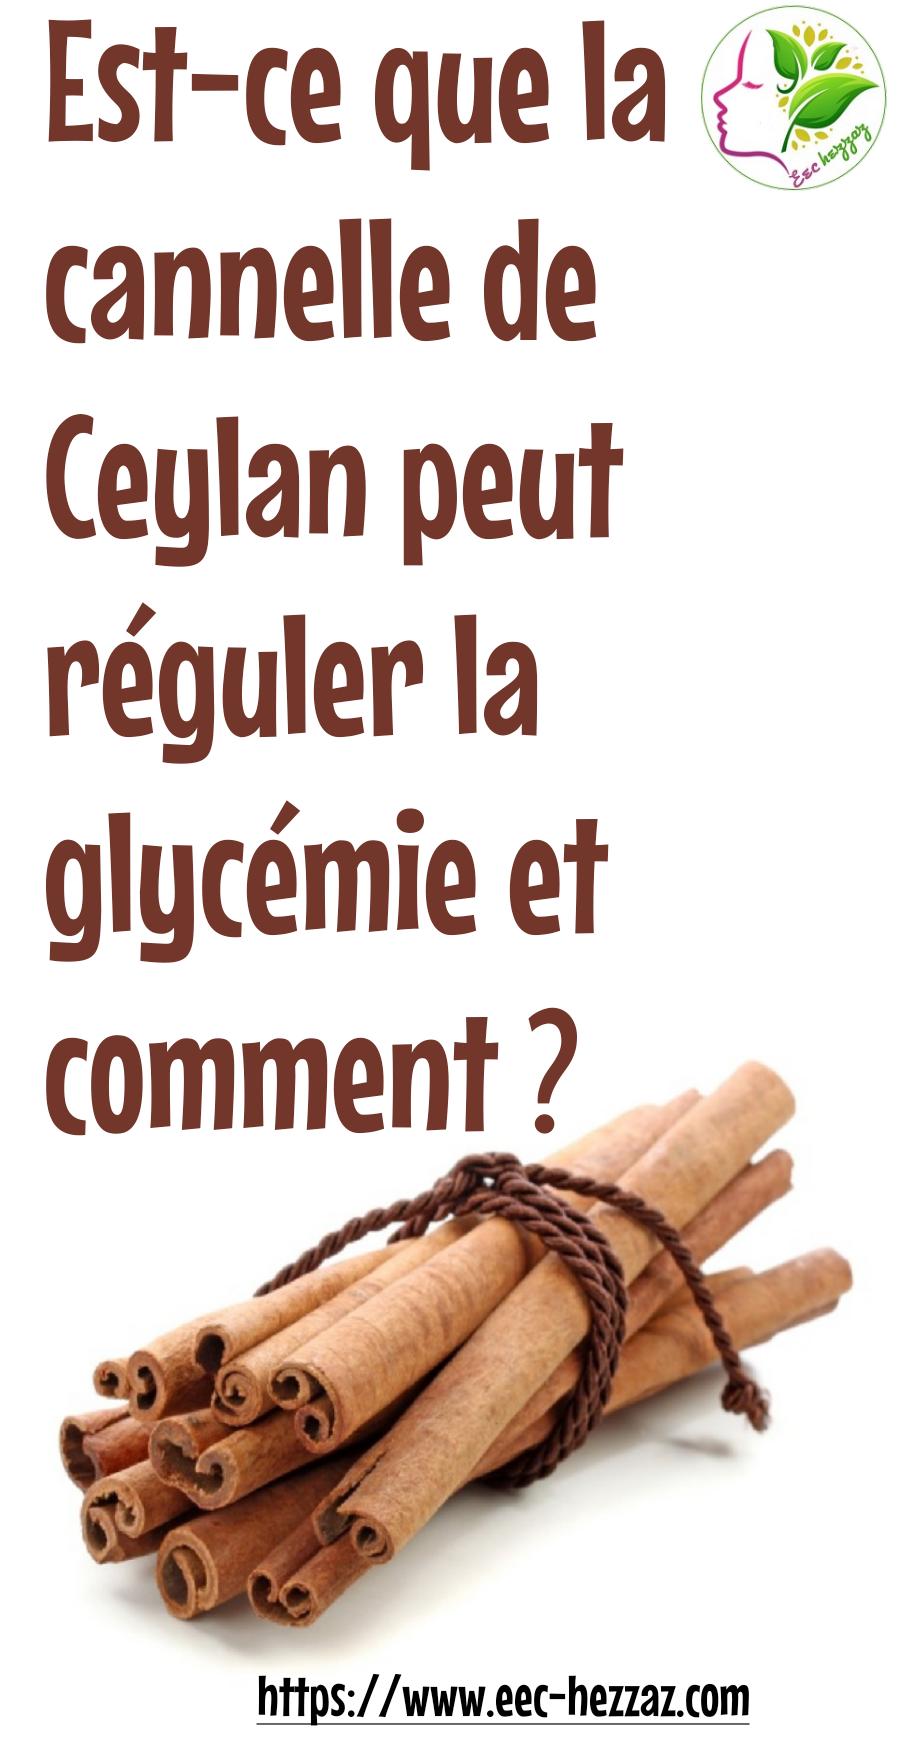 Est-ce que la cannelle de Ceylan peut réguler la glycémie et comment ?